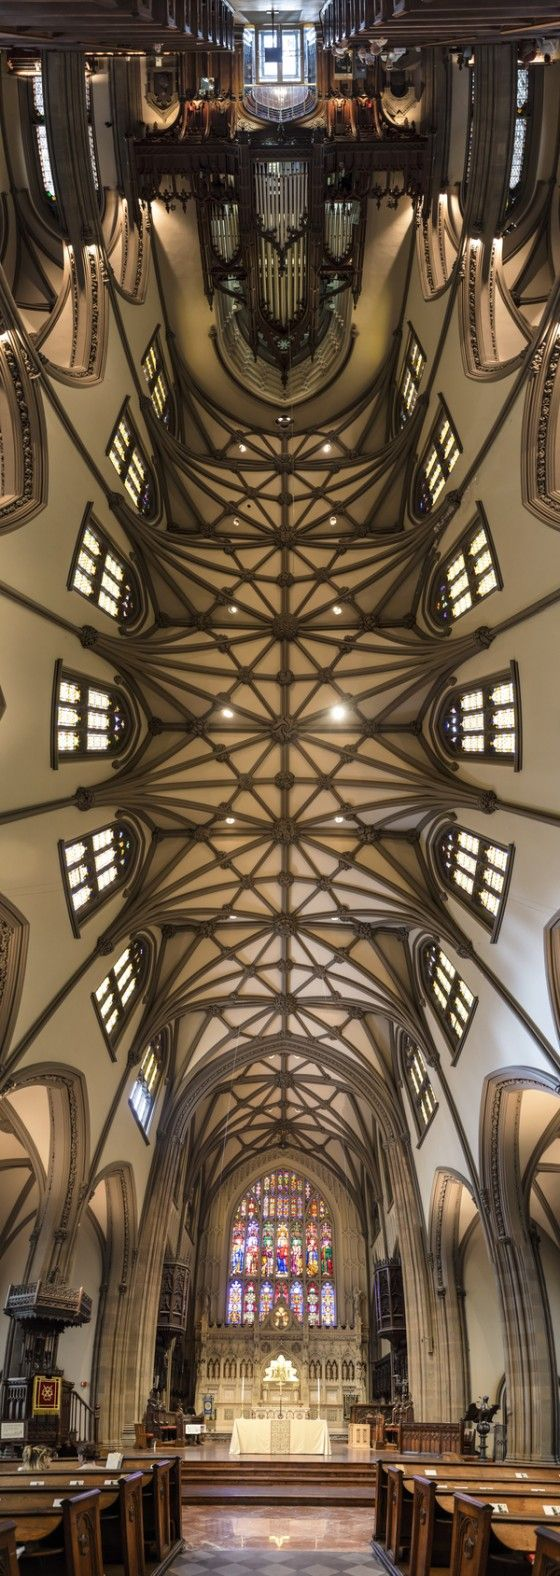 180 degrees church view